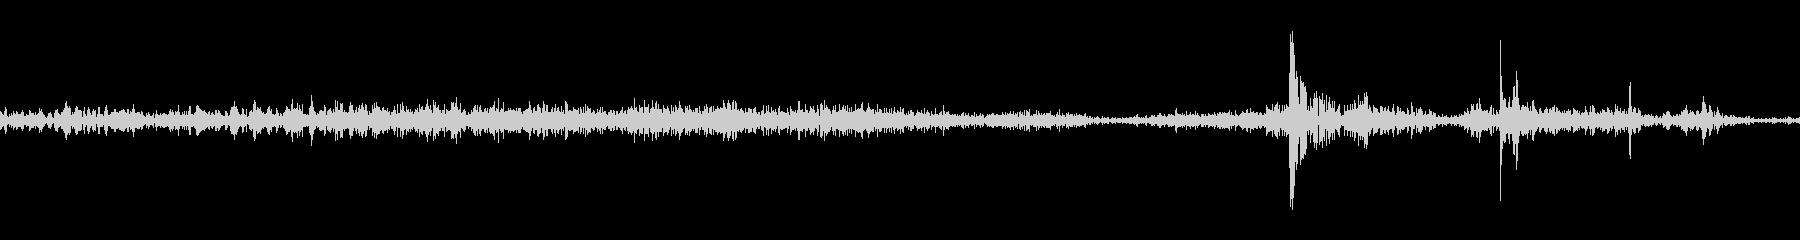 シュッ(ページをめくる音)2の未再生の波形